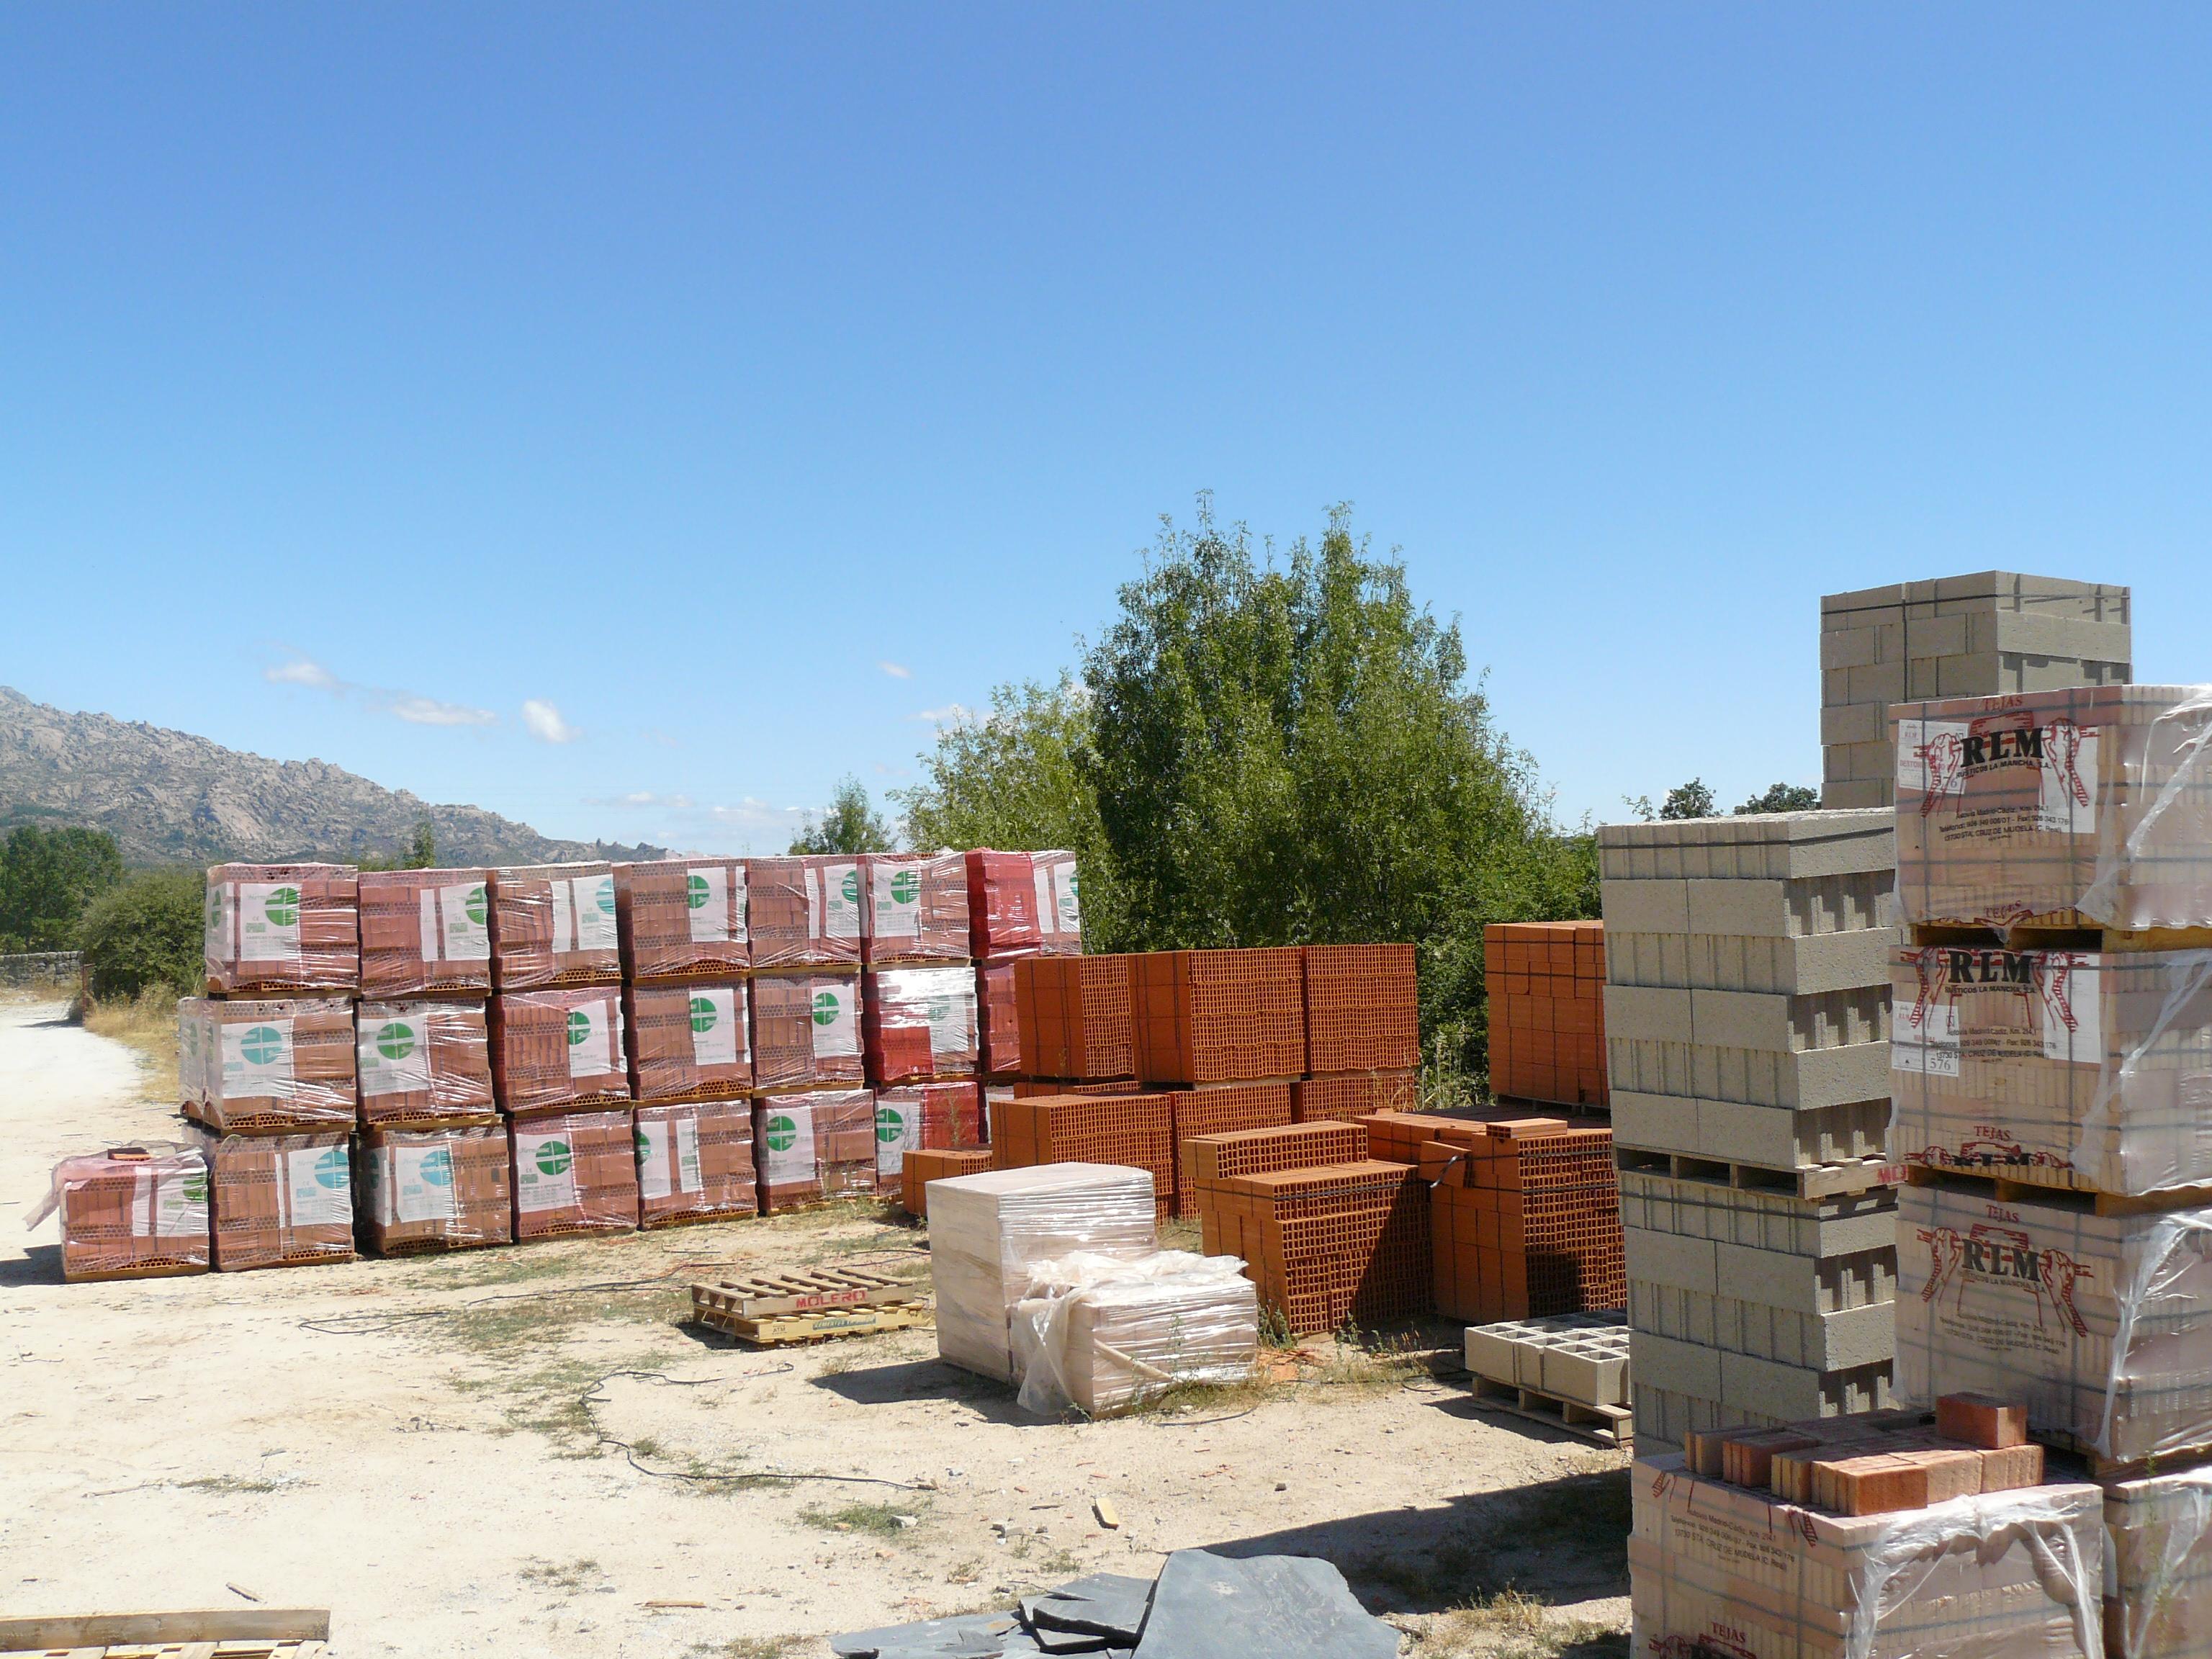 Materiales de construcci n en la sierra de madrid eyj - Materiales de construccion en madrid ...